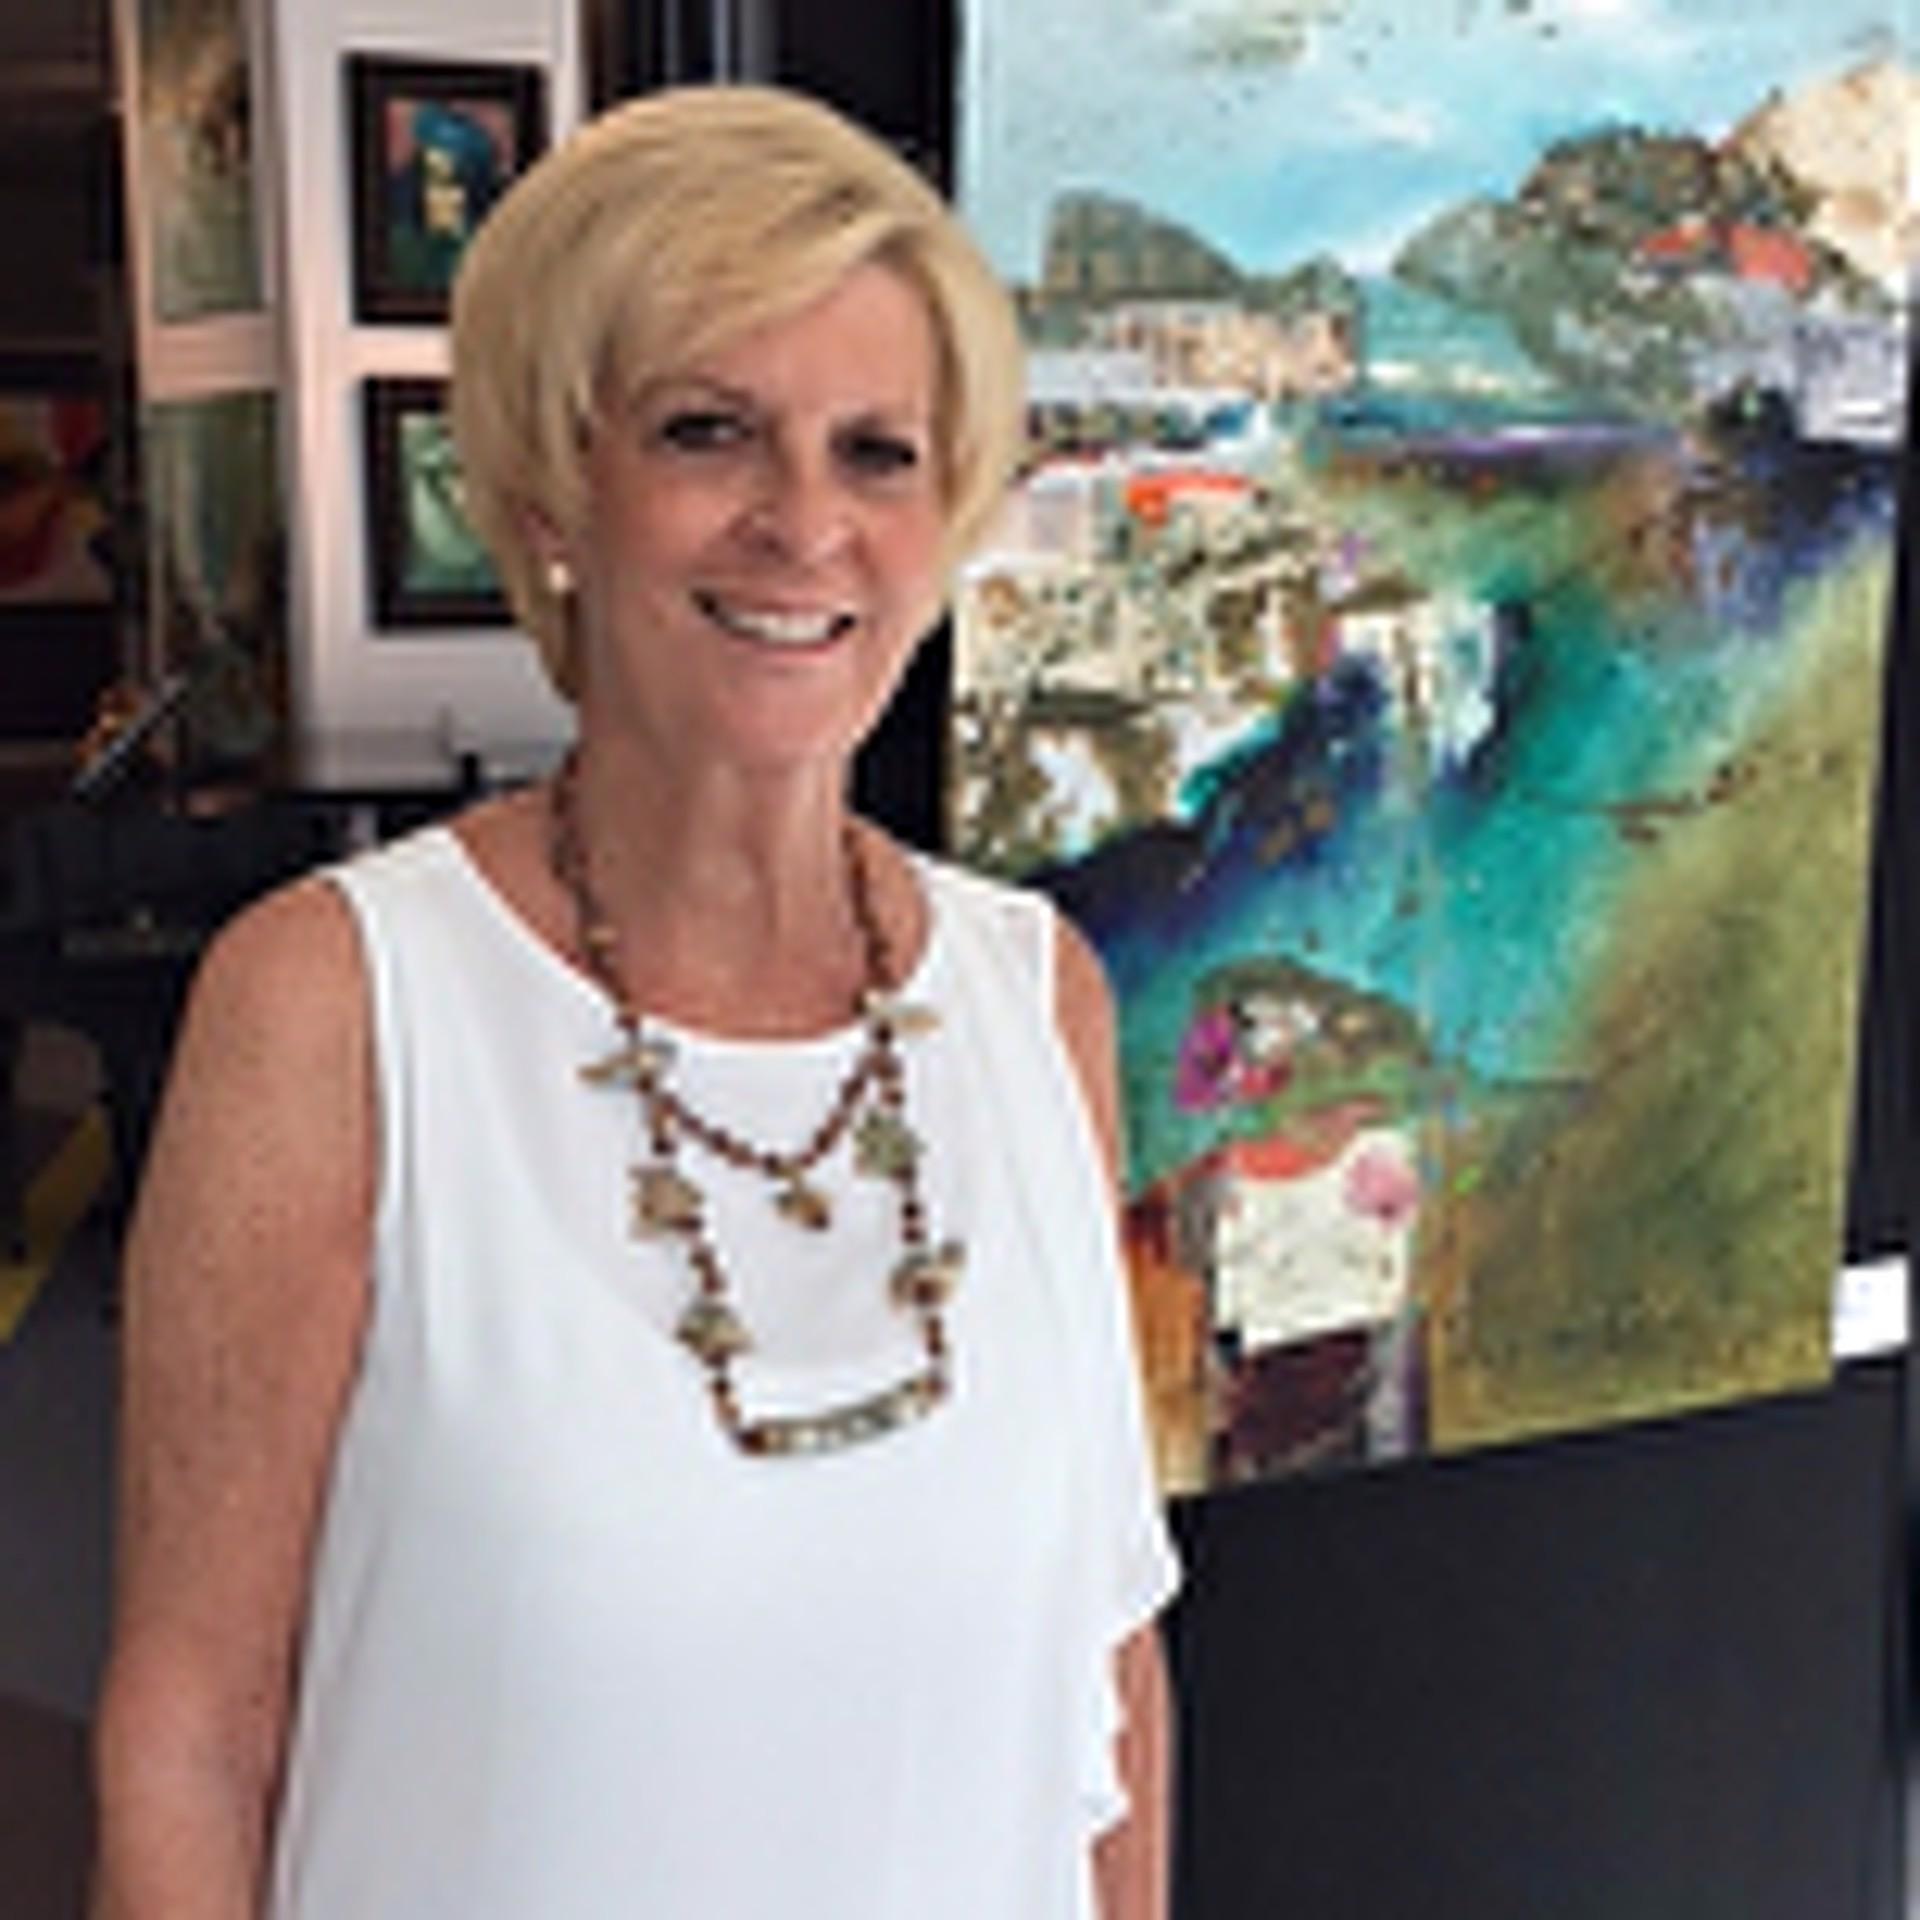 Joanne Rafferty